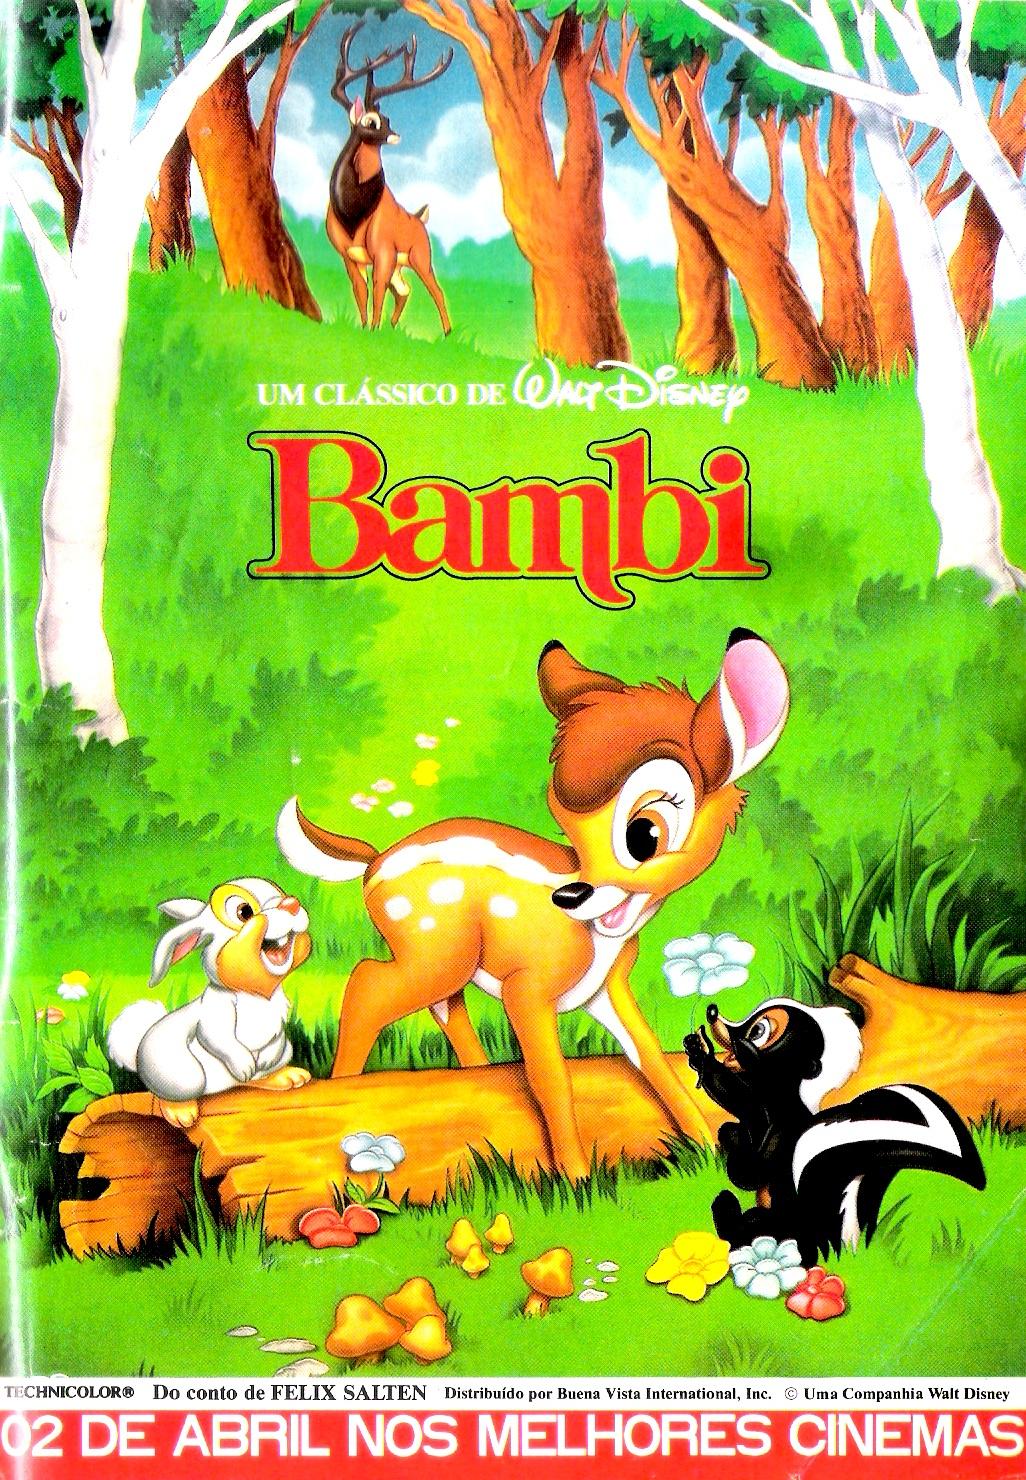 ZC1970_10_Bambi_filme.jpg